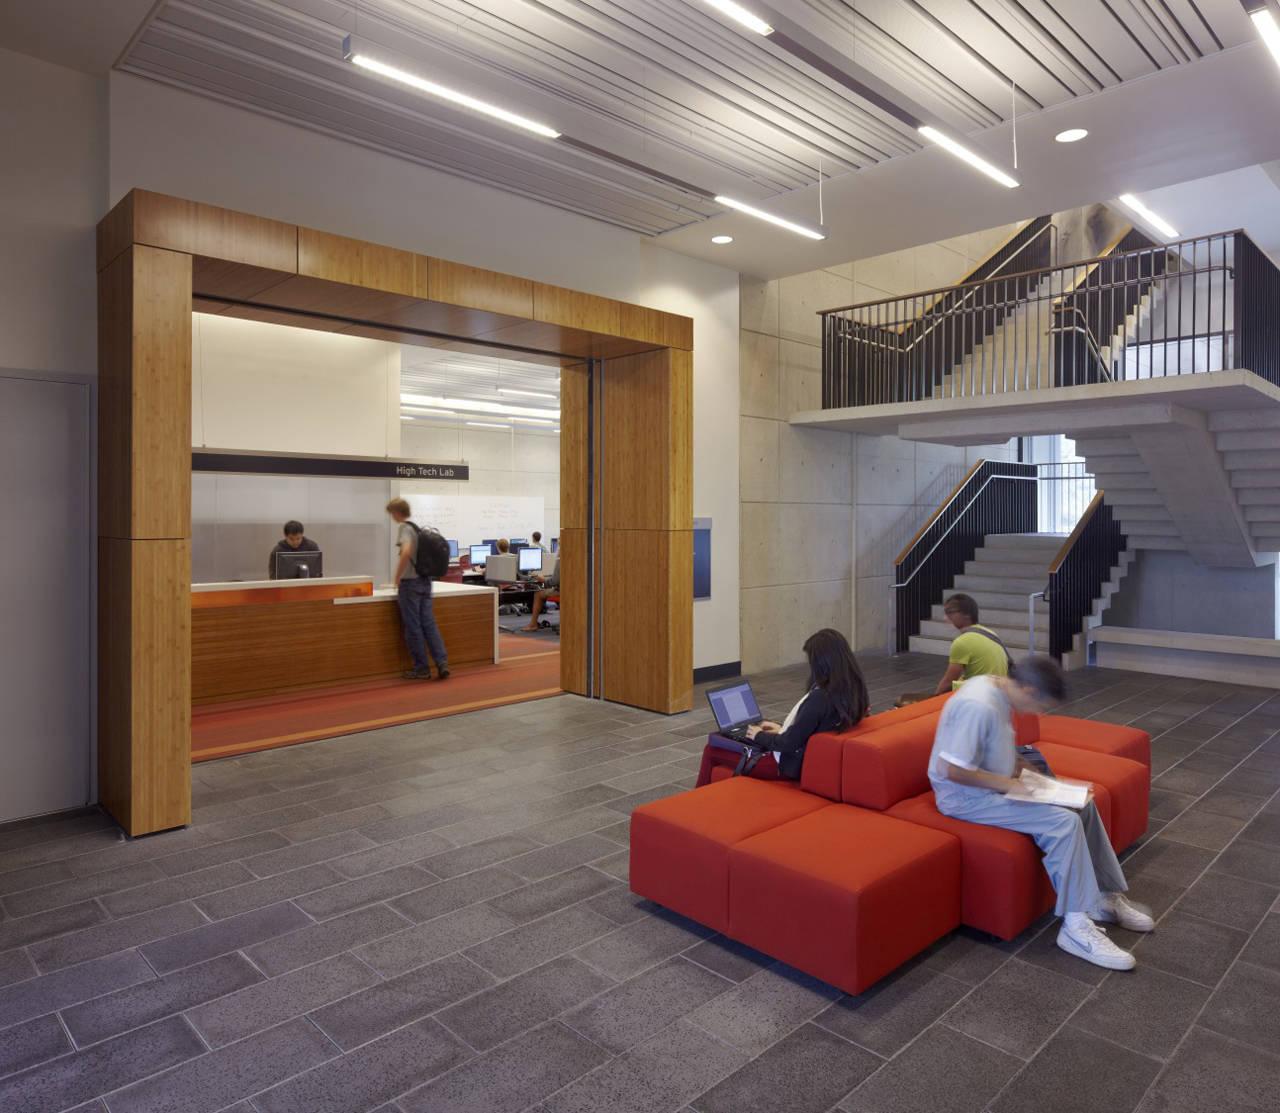 Golden west college by steinberg architects karmatrendz - Interior design jobs in california ...